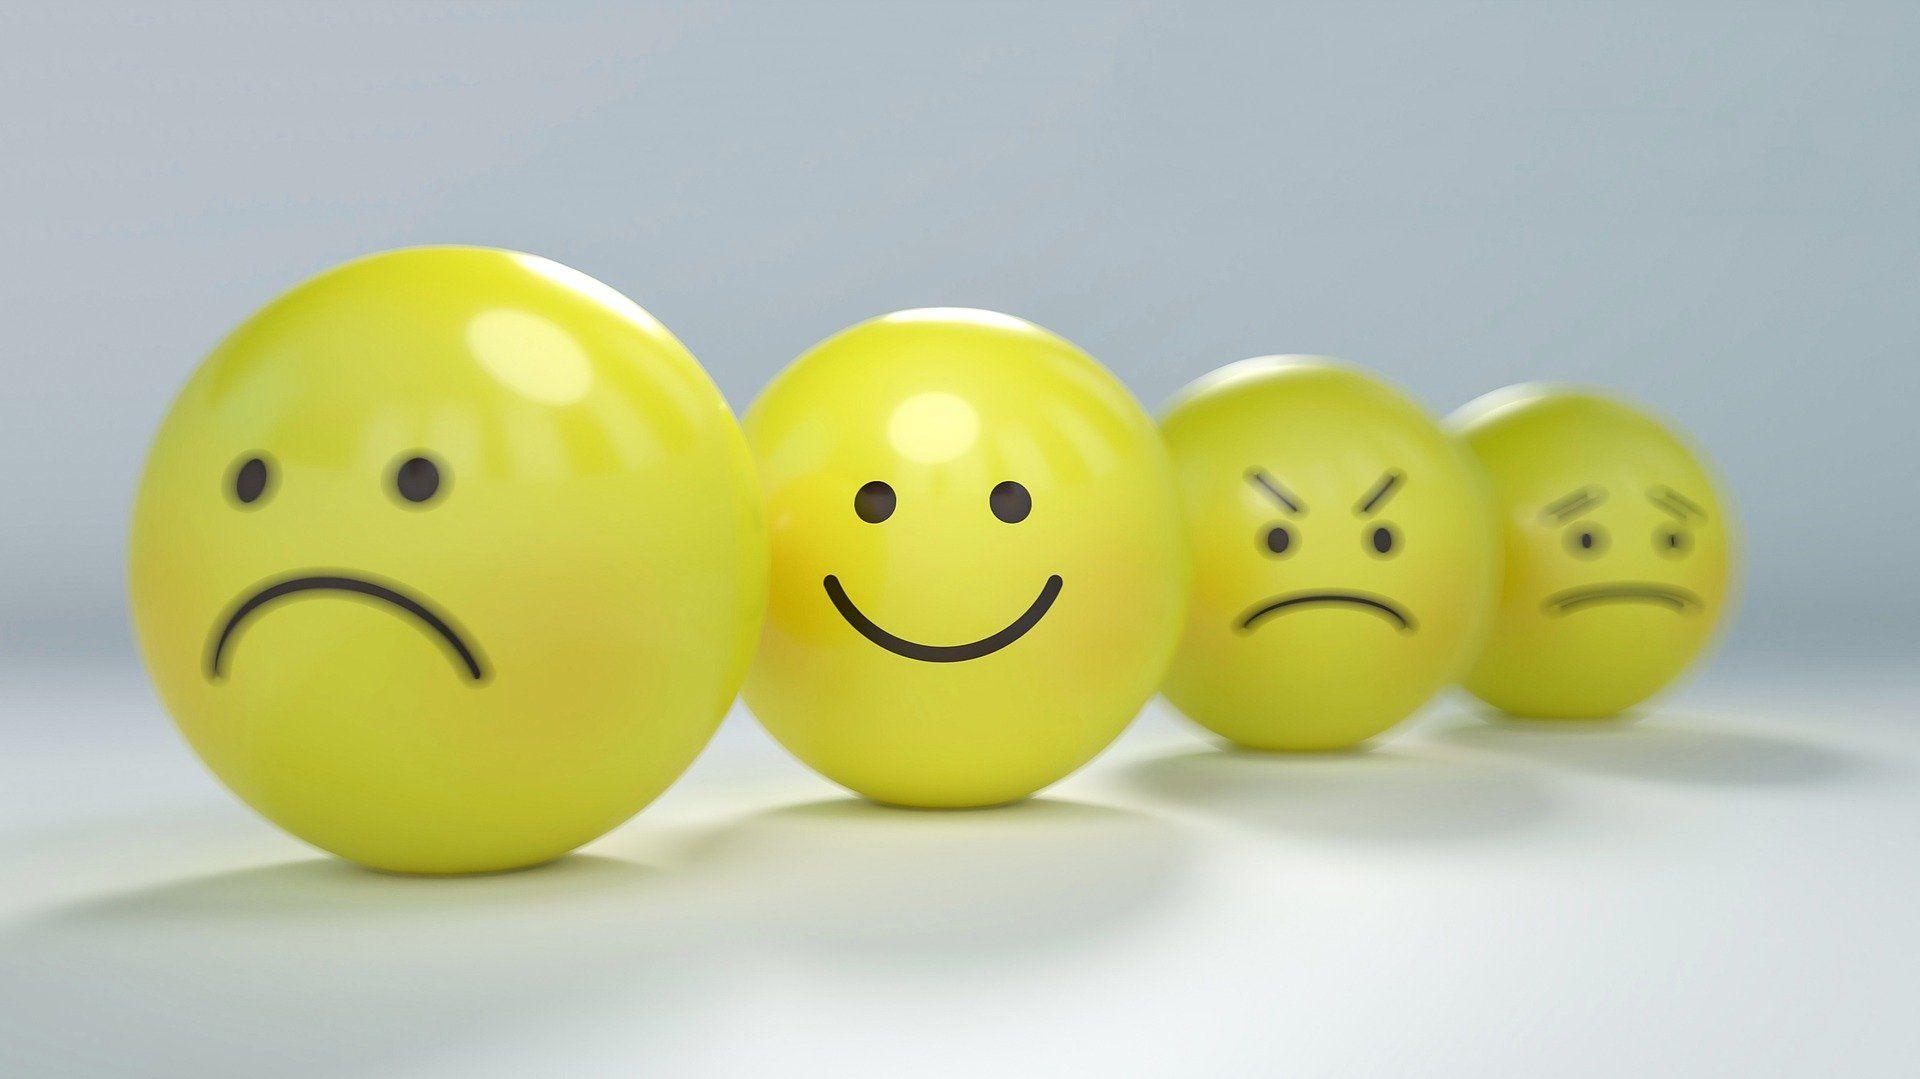 Fotografia de bolinhas amarelas com diferentes expressões faciais para ilustração do item